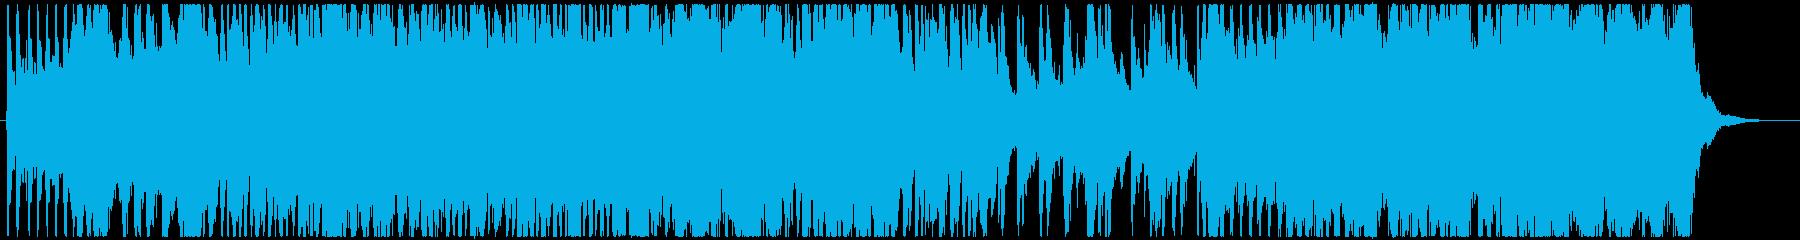 バトル系の緊迫感、ハリウッドオーケストラの再生済みの波形